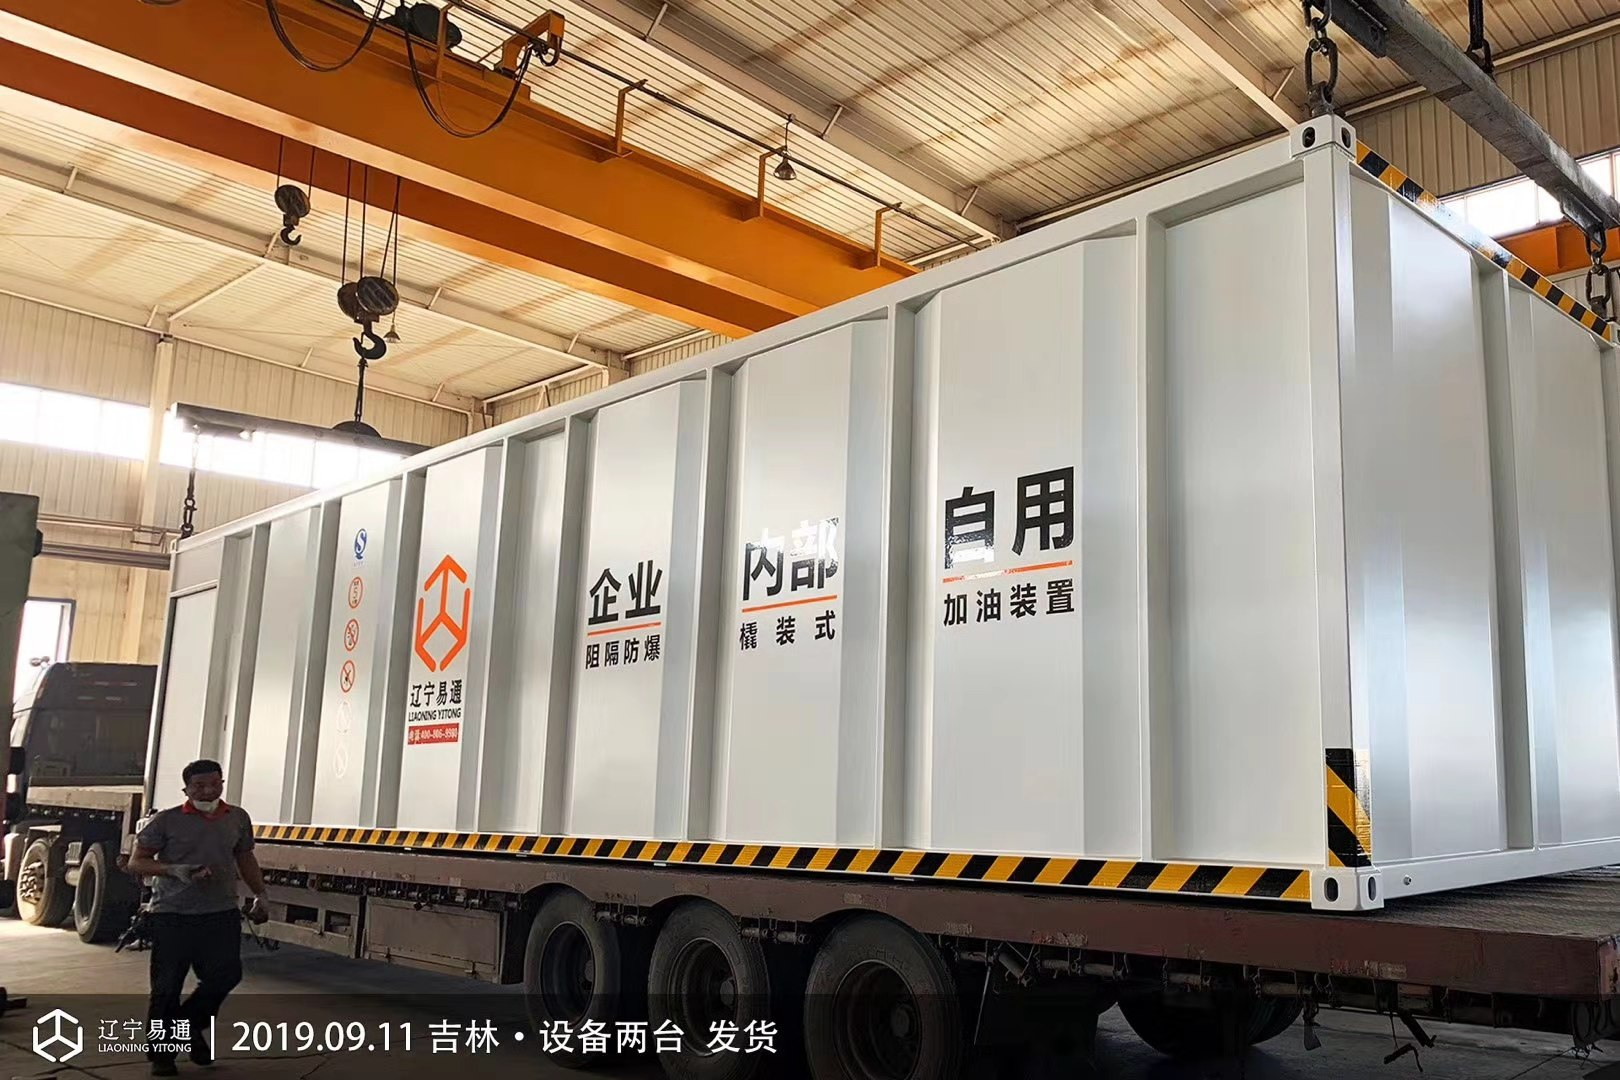 9月11日,两台50立方撬装manbetx万博站发往吉林